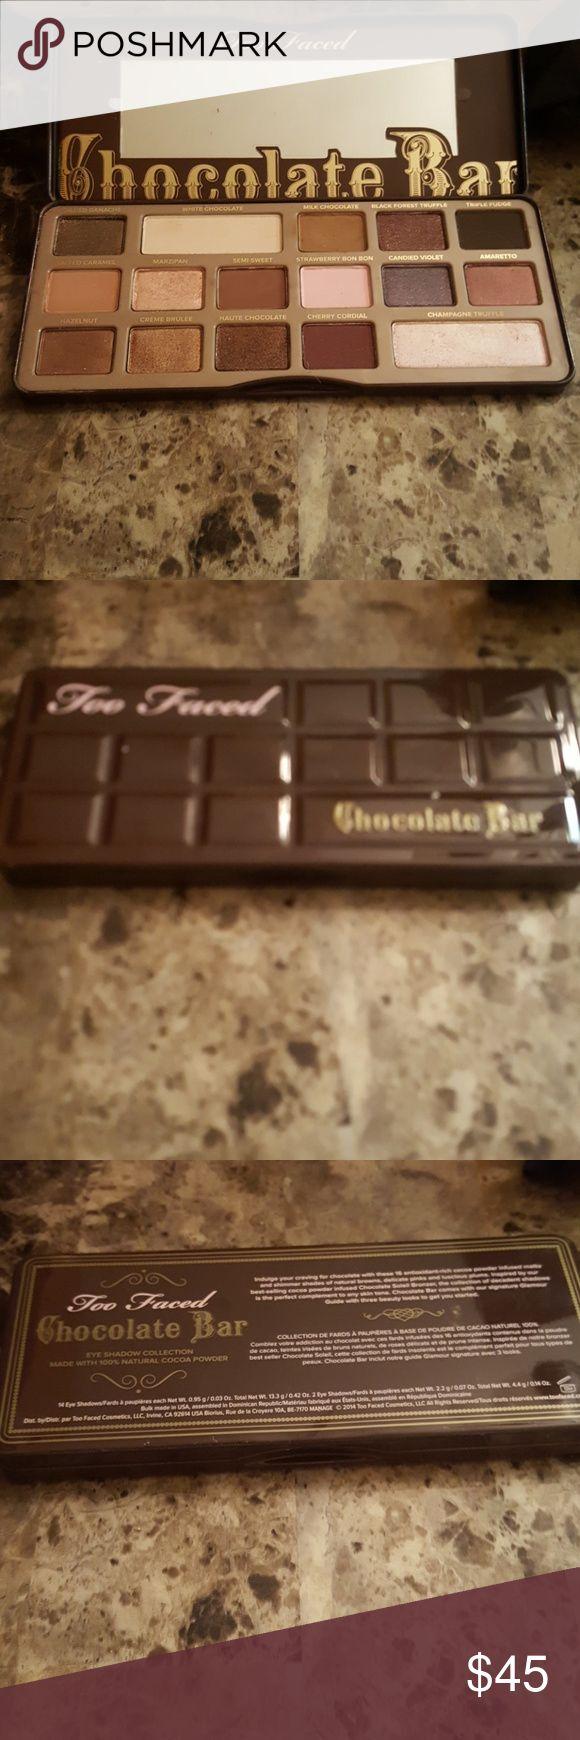 Best 20+ Chocolate bar makeup ideas on Pinterest | Chocolate bar ...